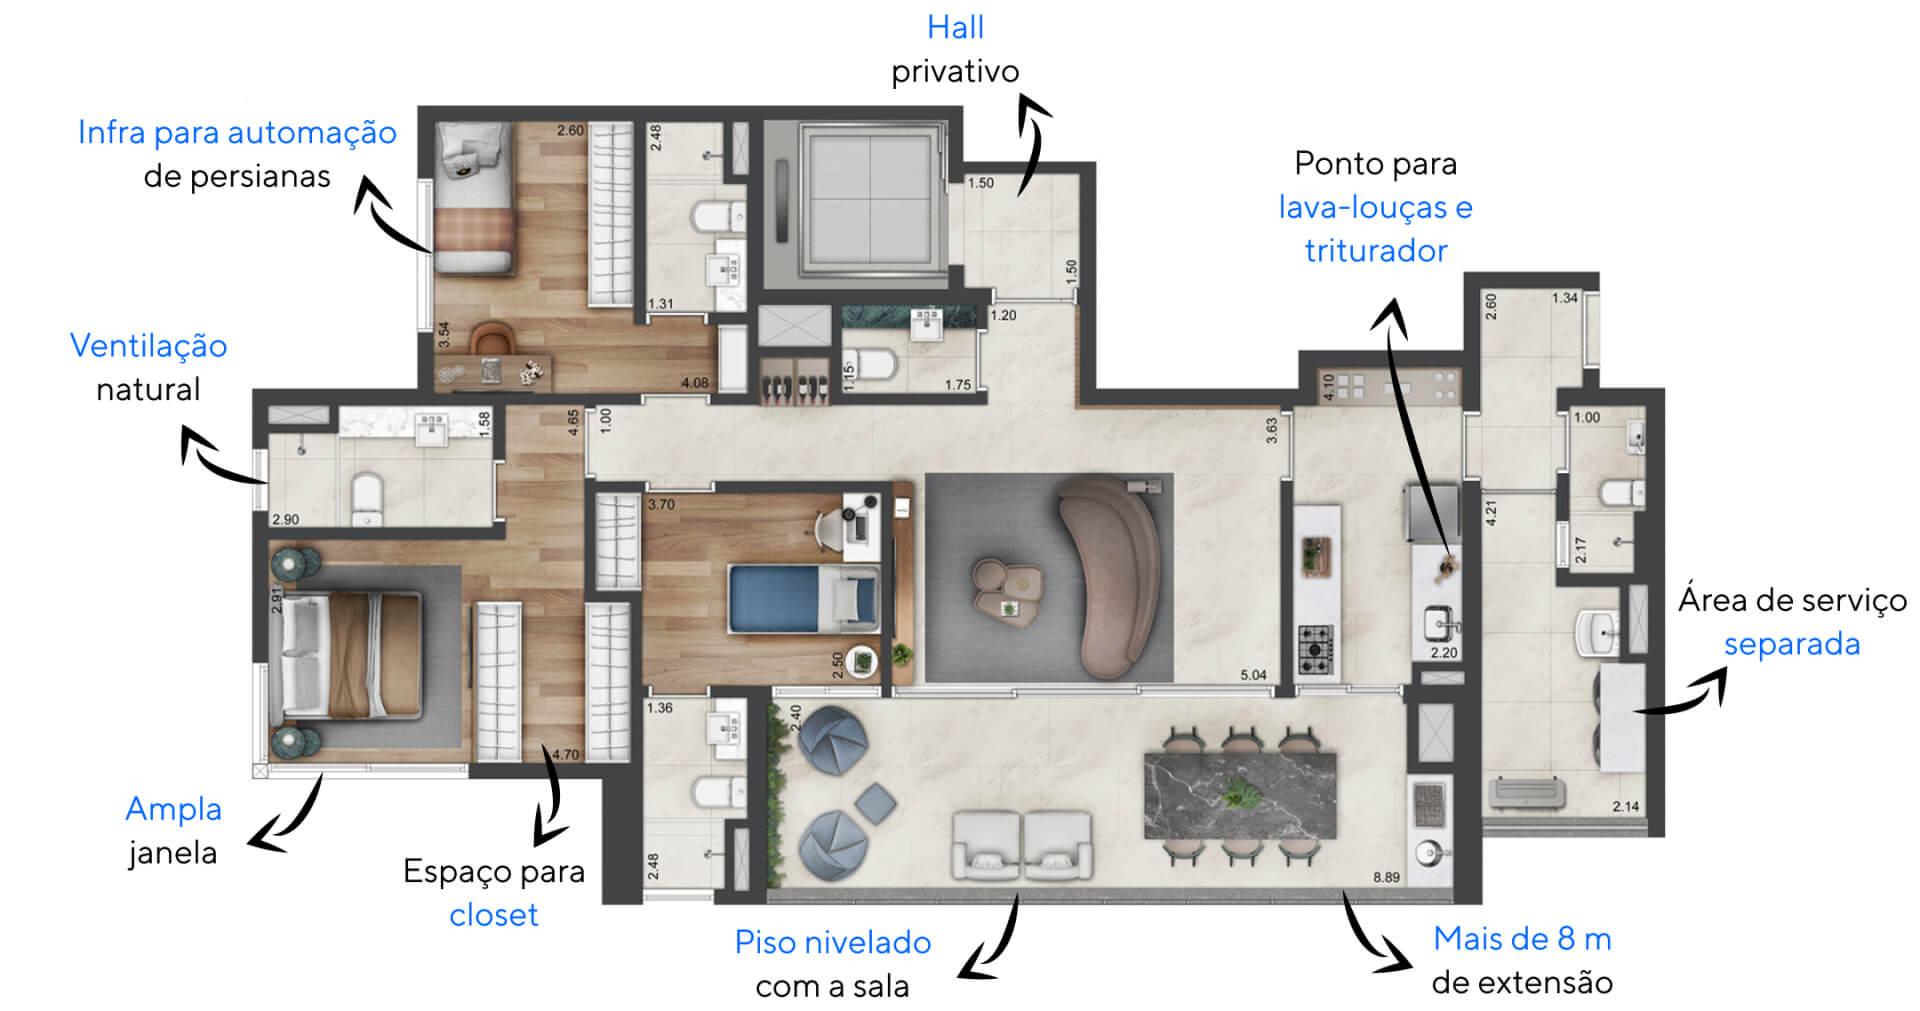 142 M² - 3 SUÍTES. Planta Padrão do Parque Global com hall privativo para que você tenha acesso direto ao seu apartamento. Destaque para o amplo terraço com piso nivelado, uma verdadeira extensão da área social para receber convidados!